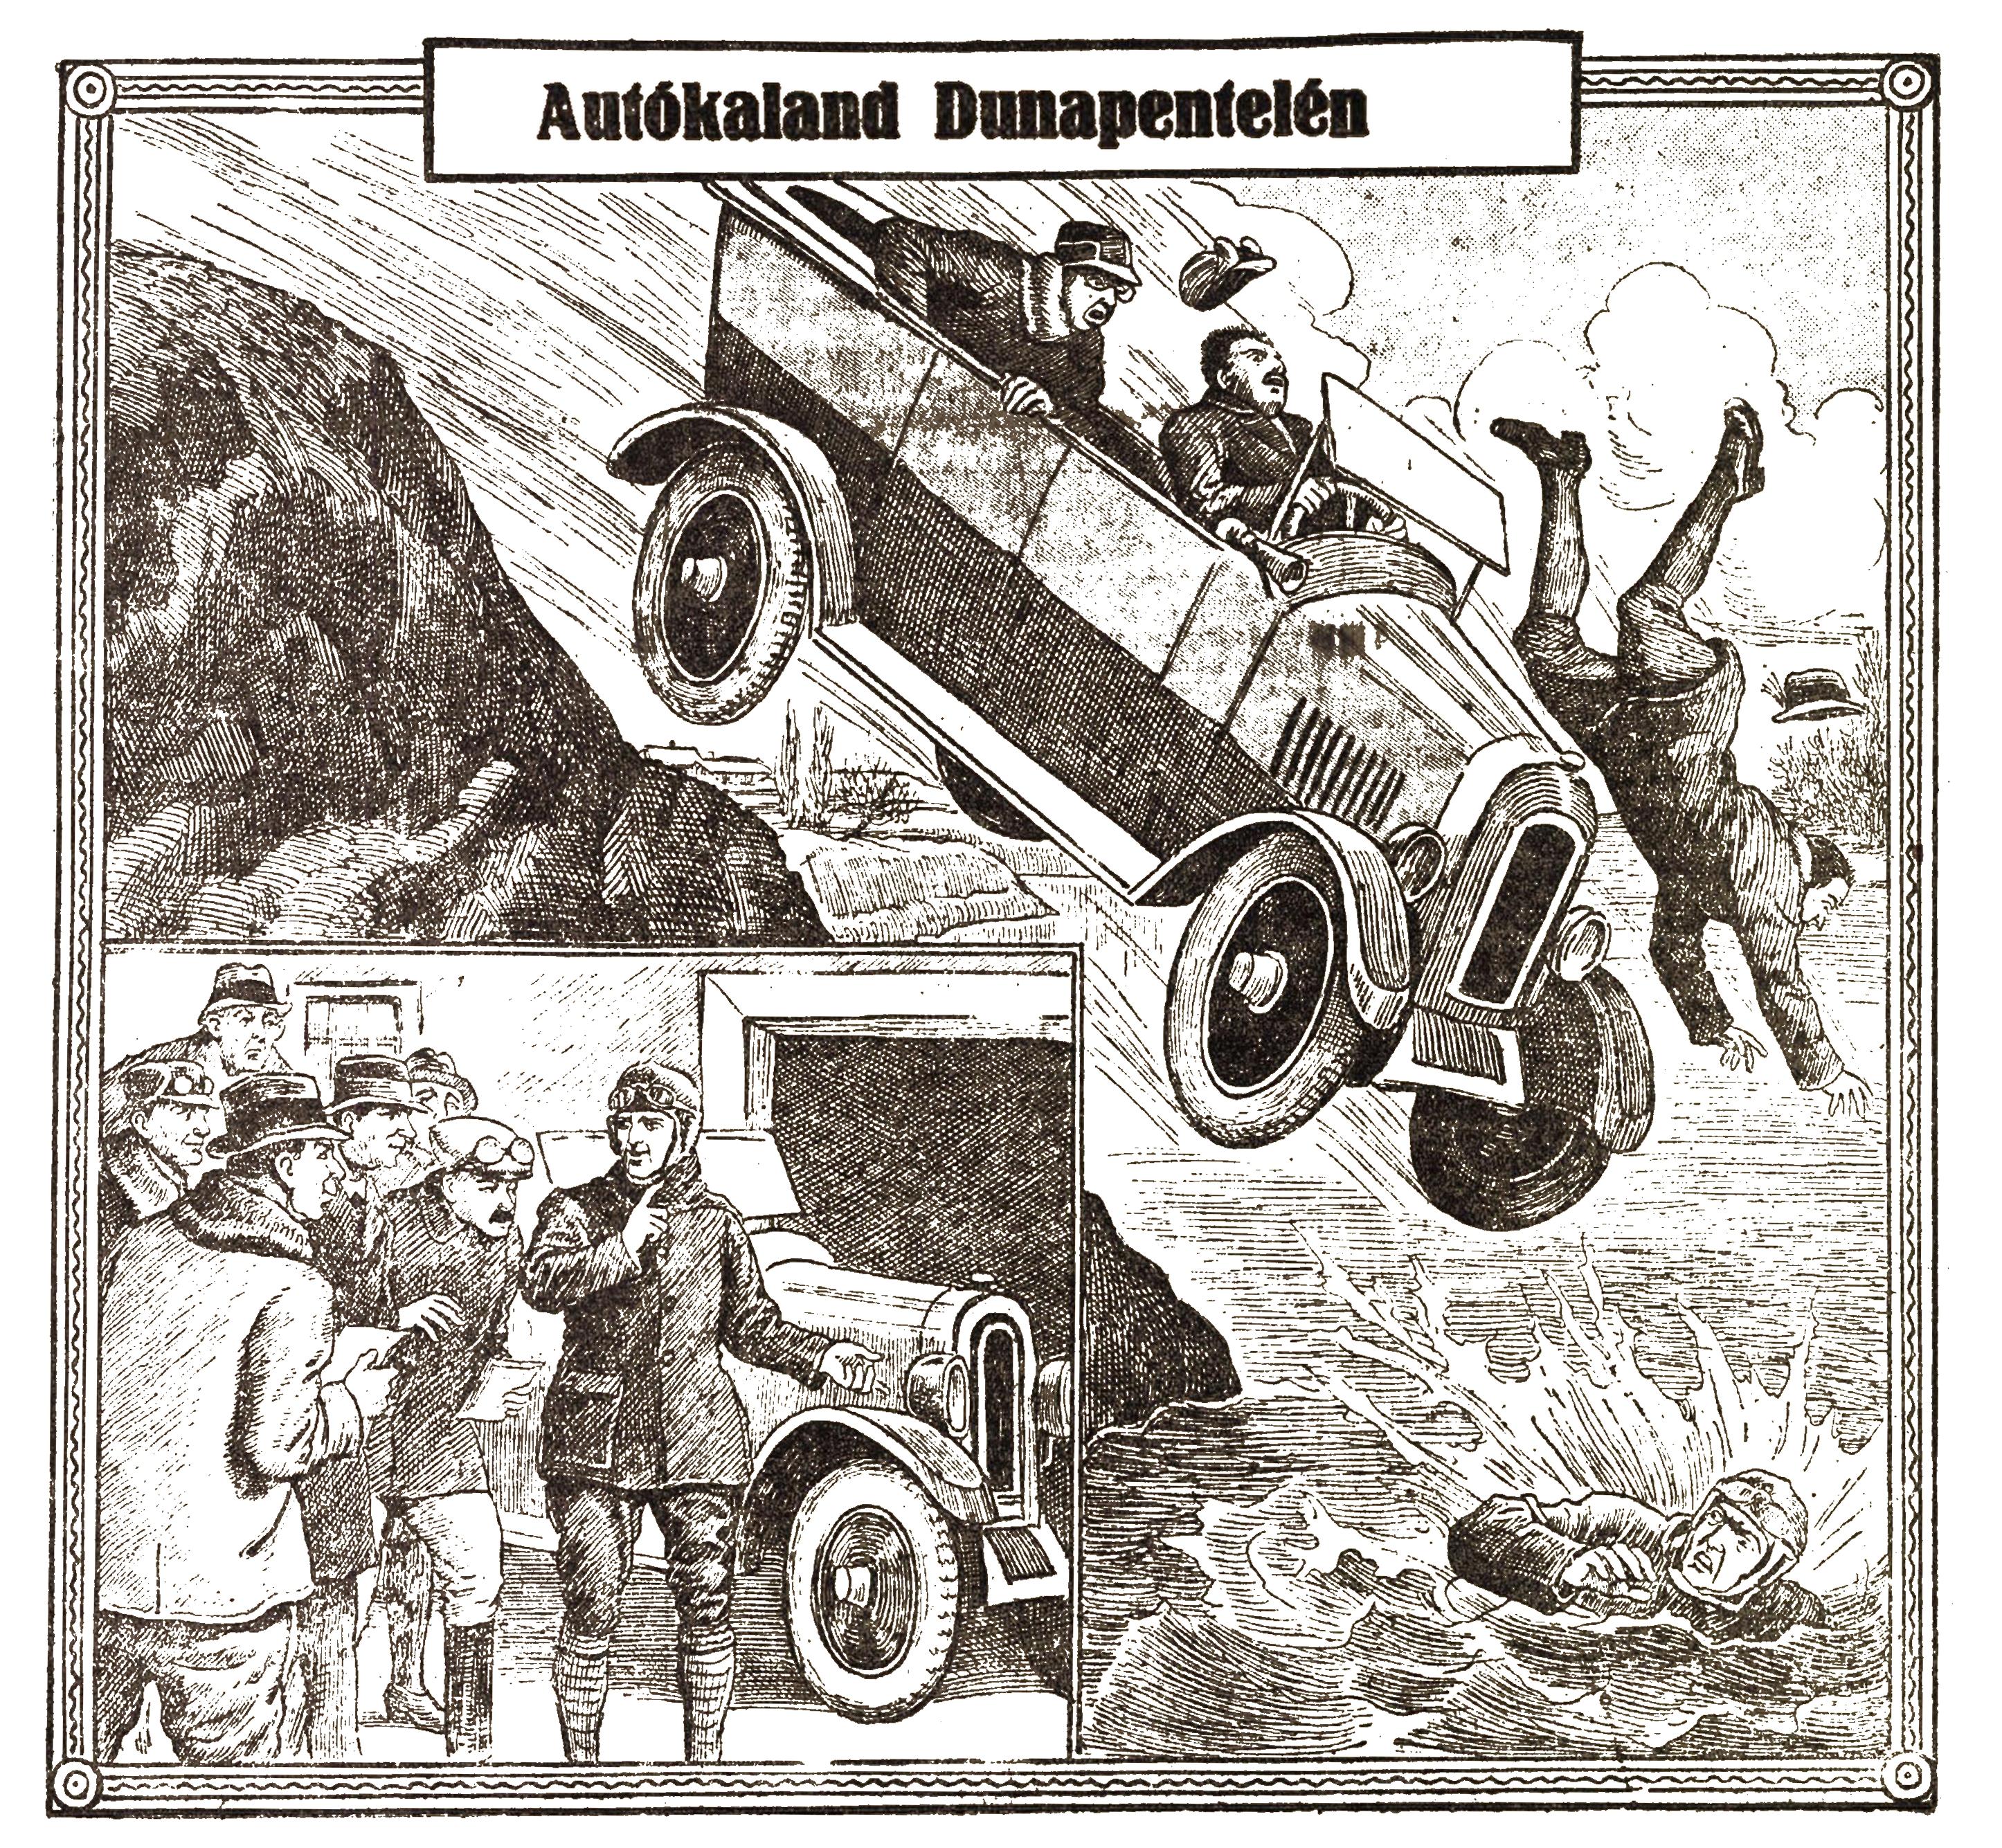 Autókaland Dunapentelén